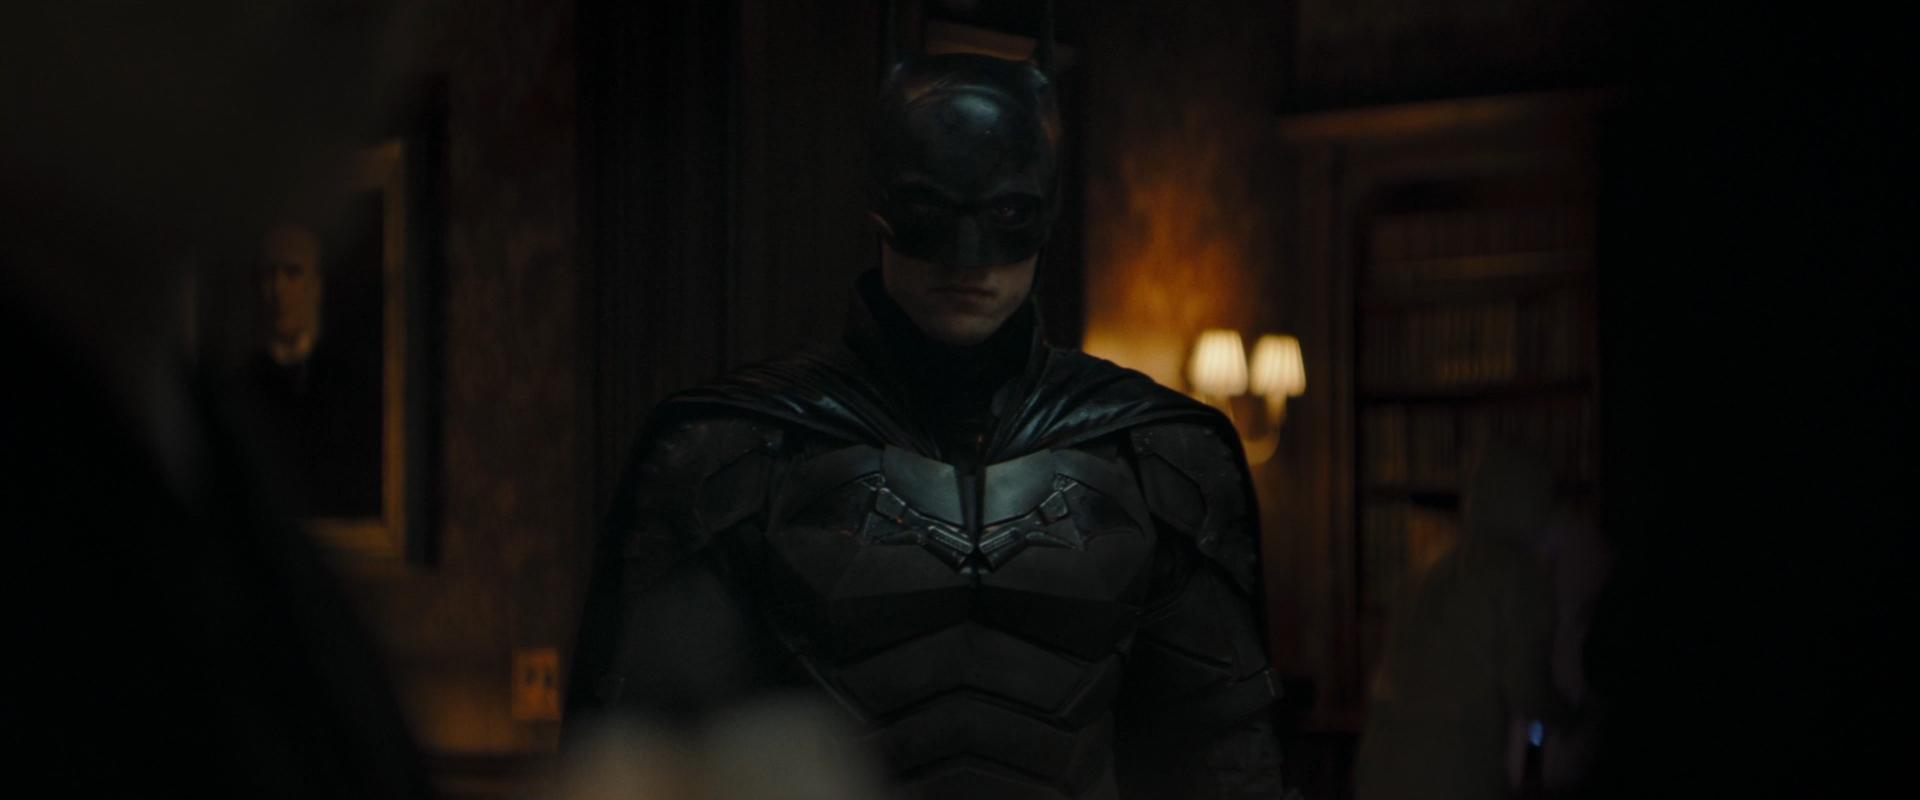 The Batman: Nová verze hrdiny je zpracovaná tak, jako by se příběh skutečně mohl stát | Fandíme filmu